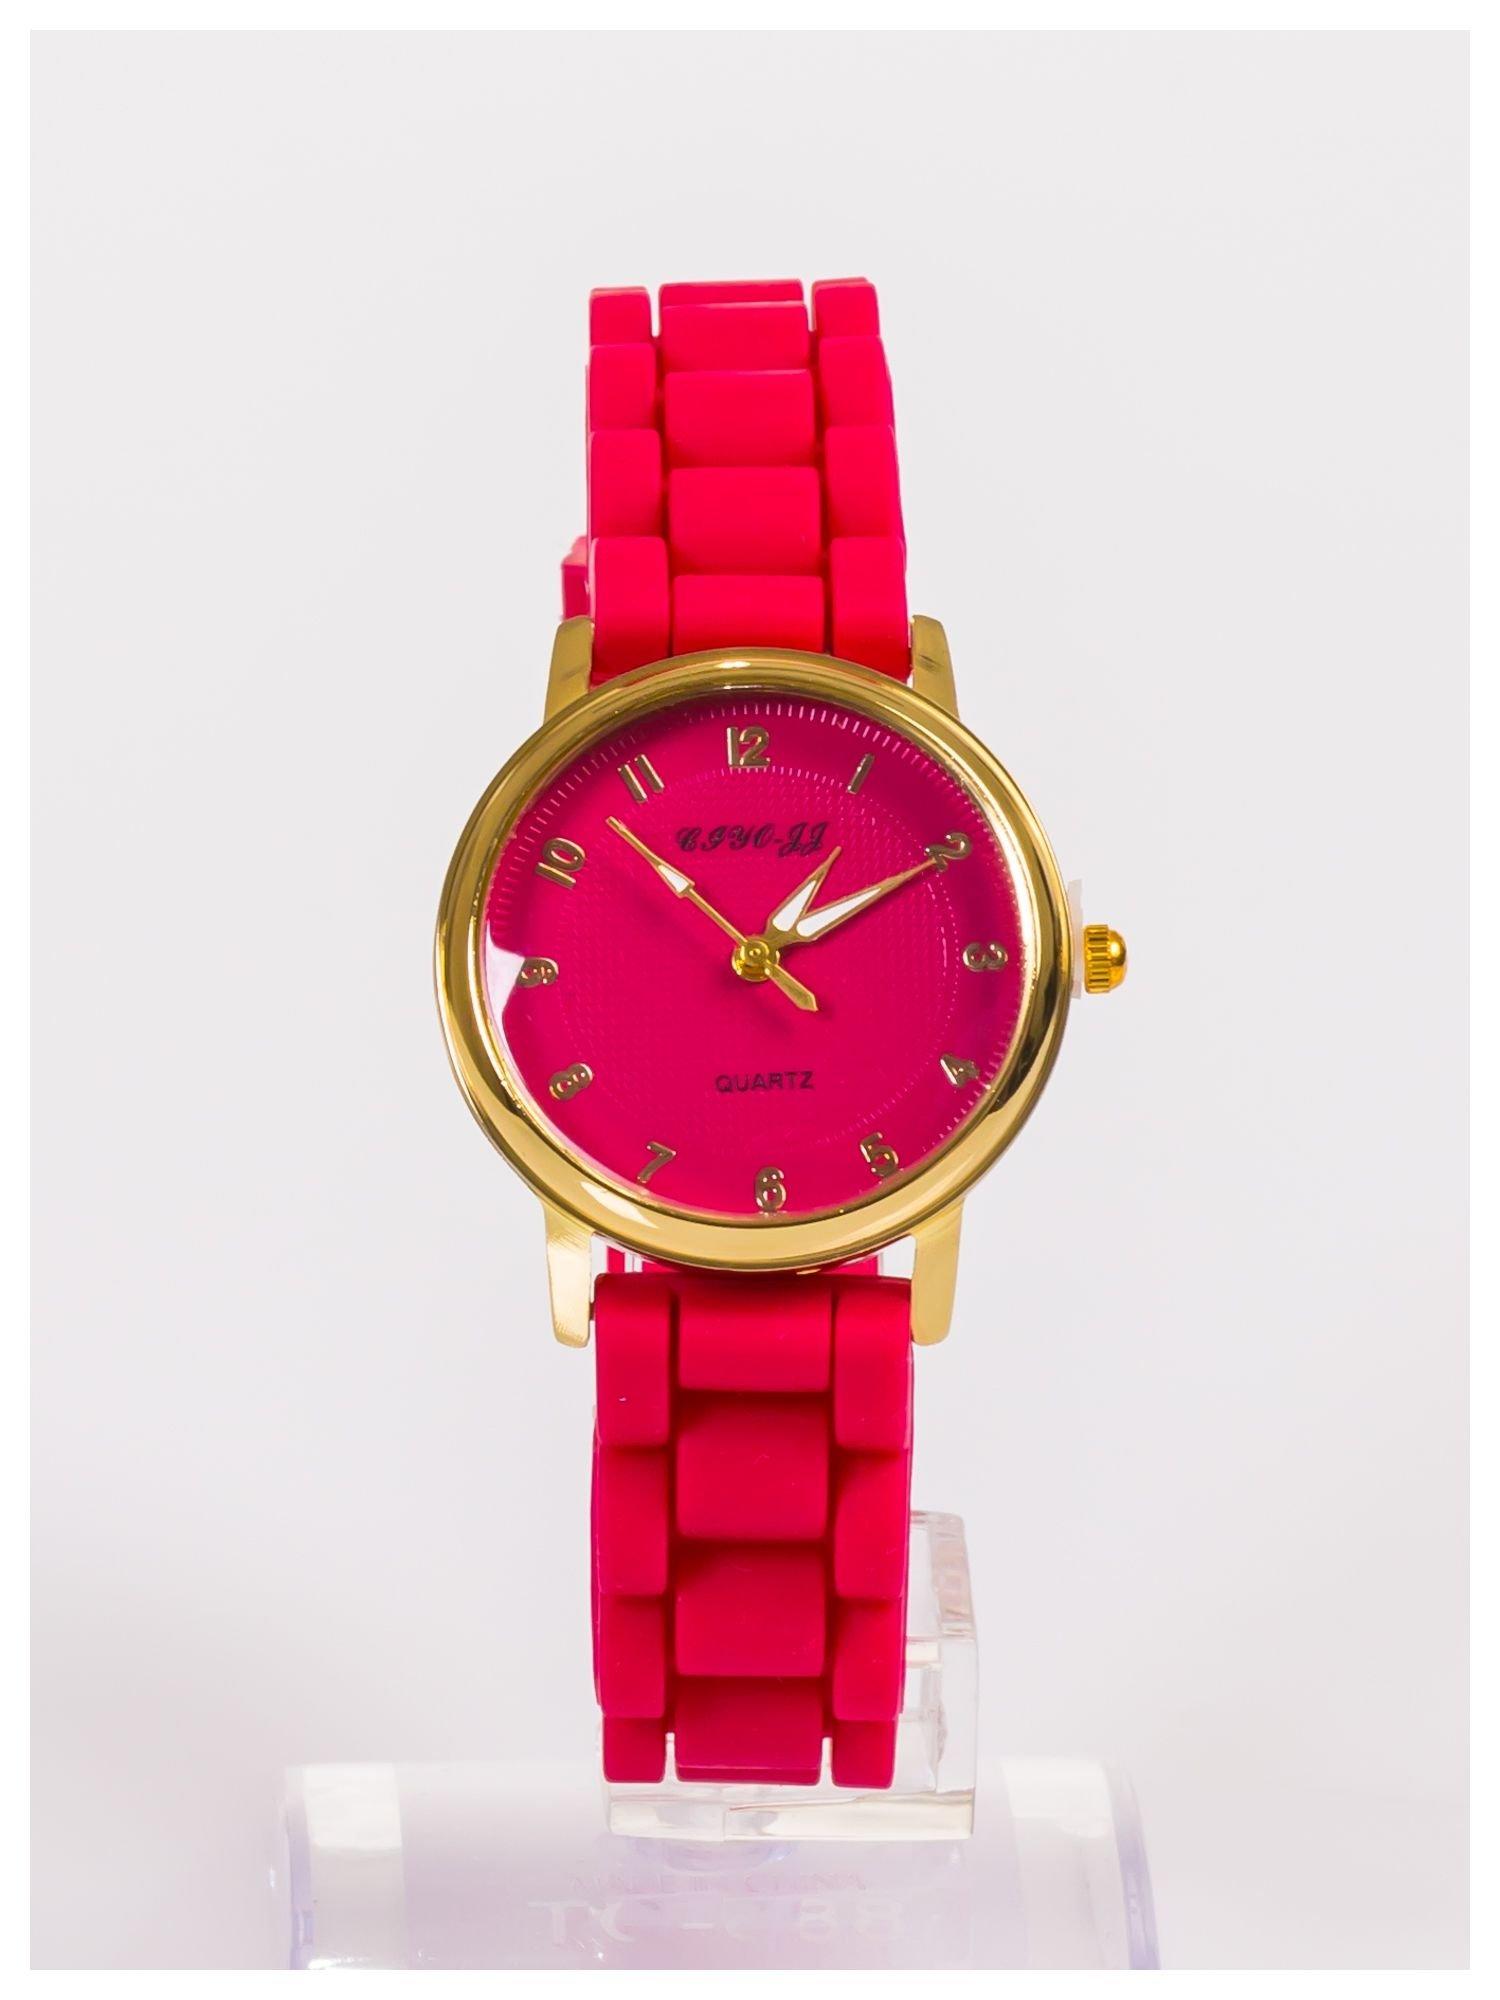 Klasyczny damski zegarek na wygodnym silikonowym pasku                                  zdj.                                  1